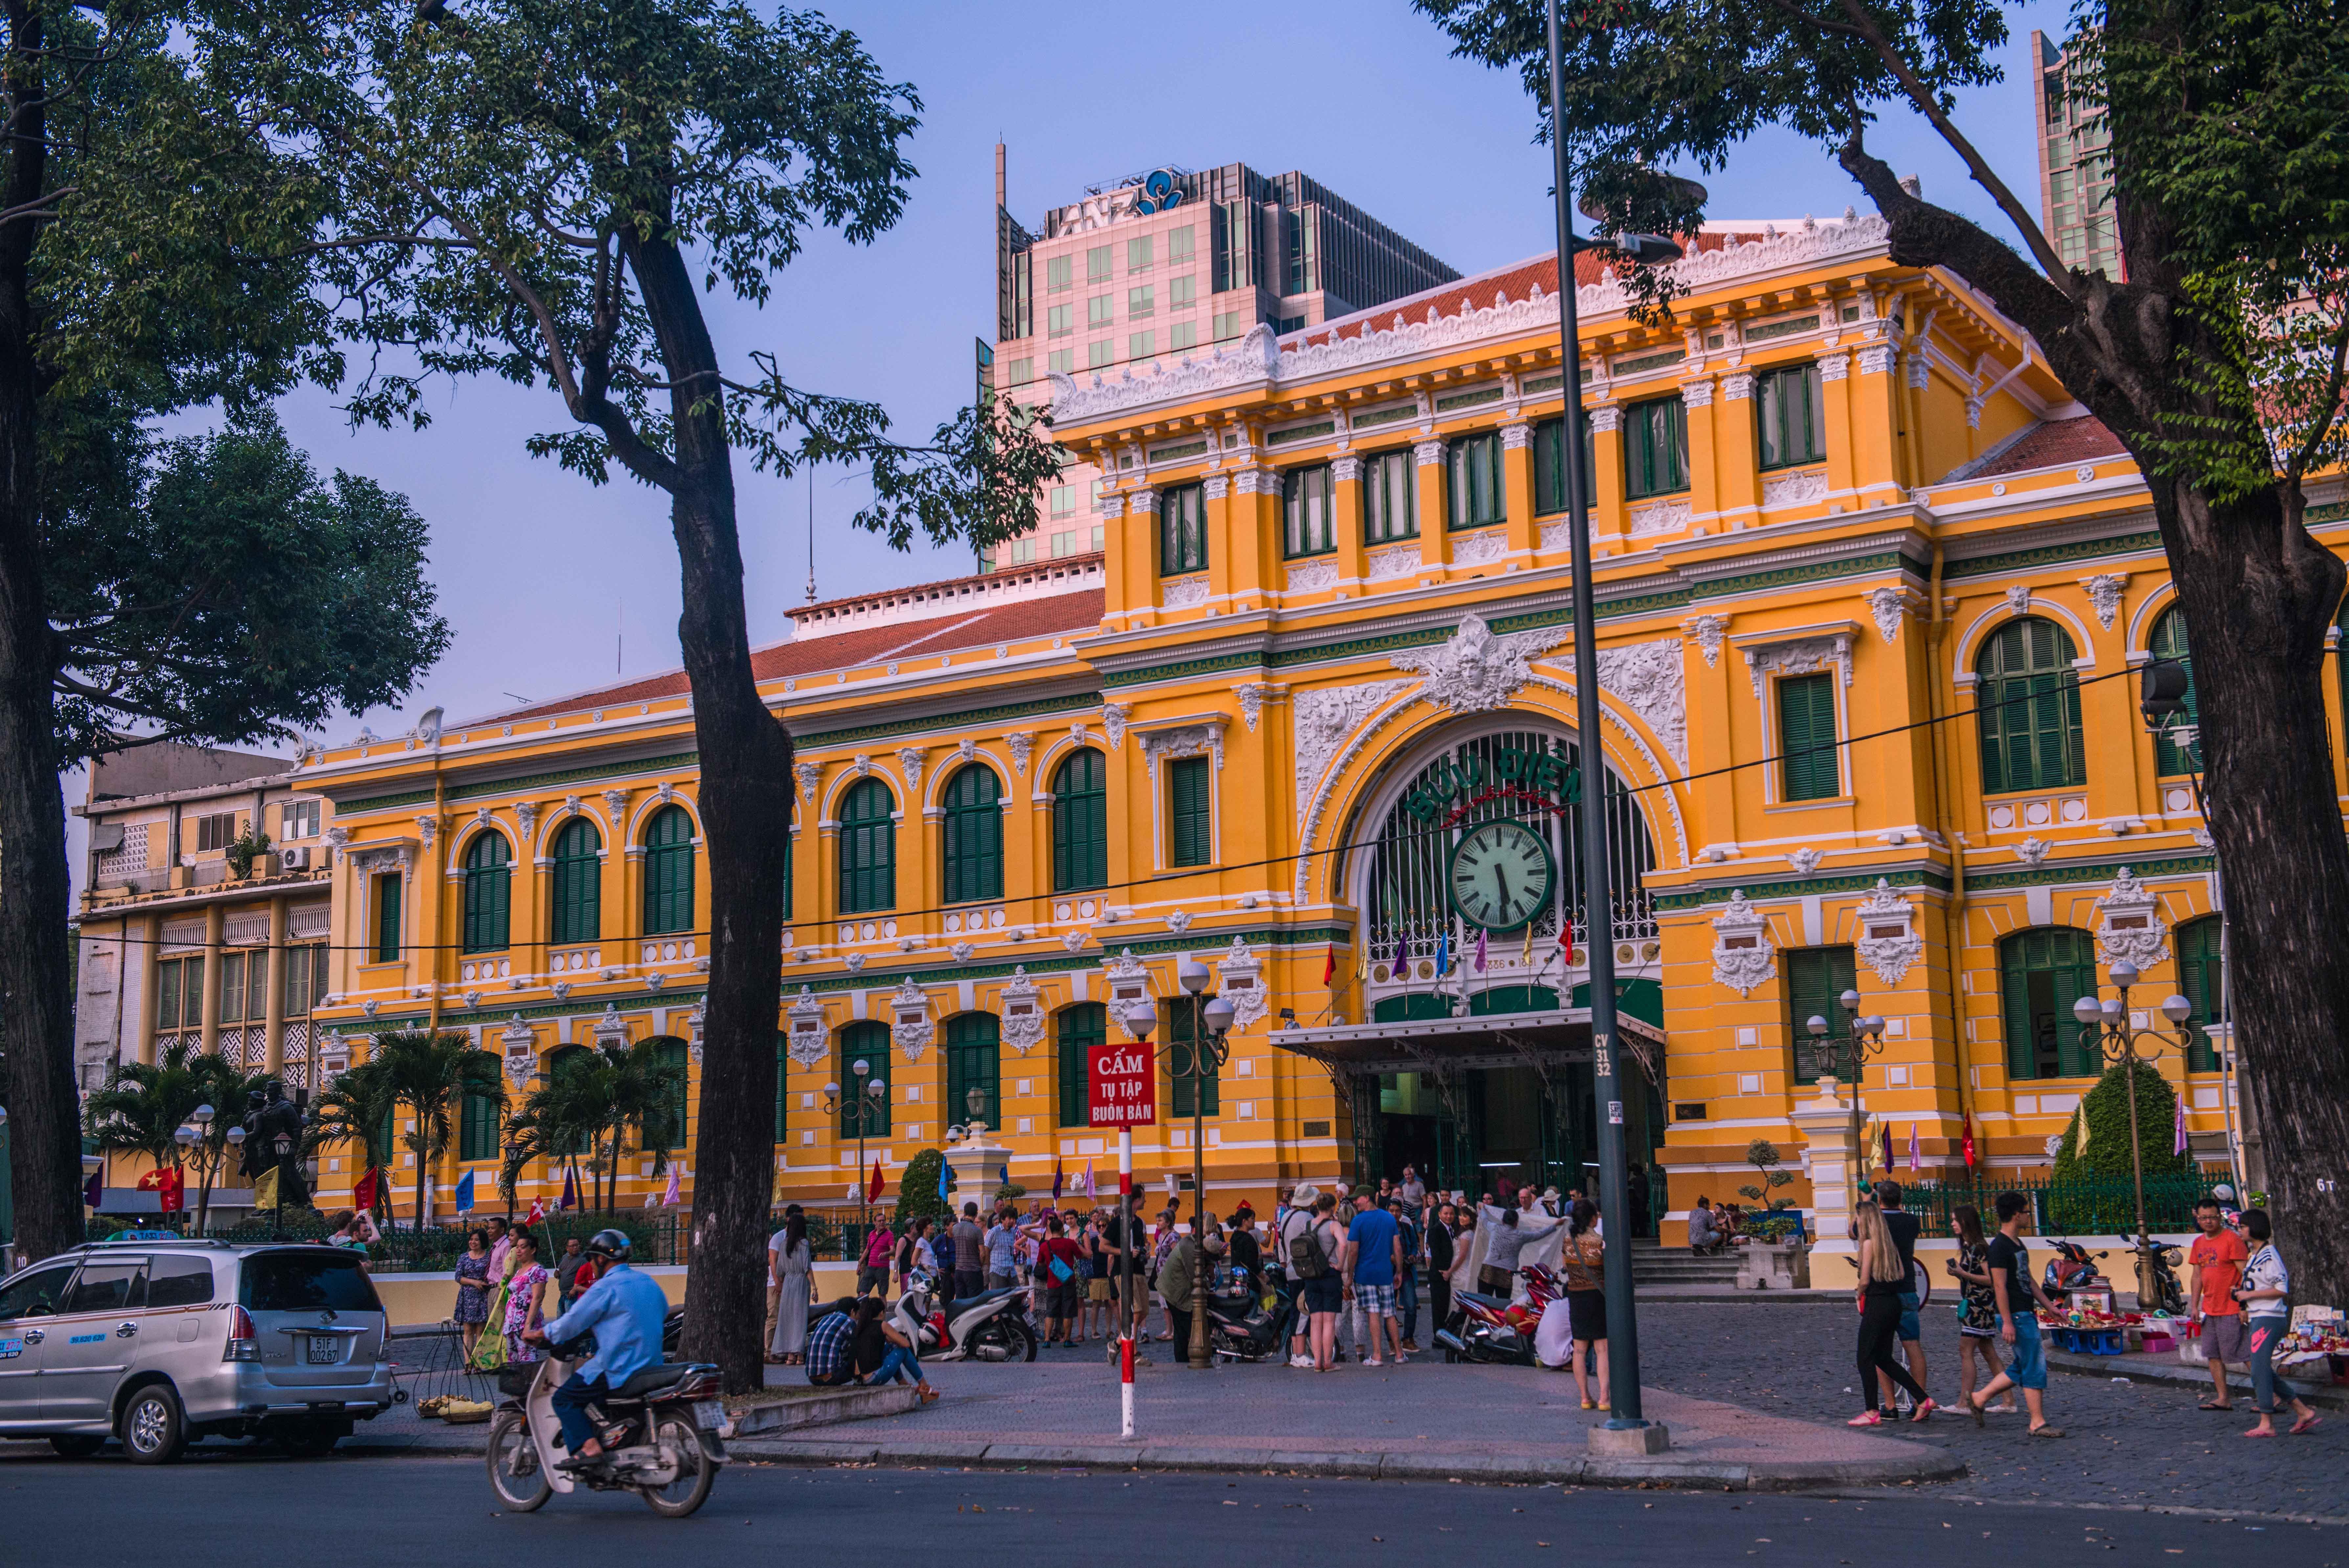 中央邮局  Central Post Office   -1